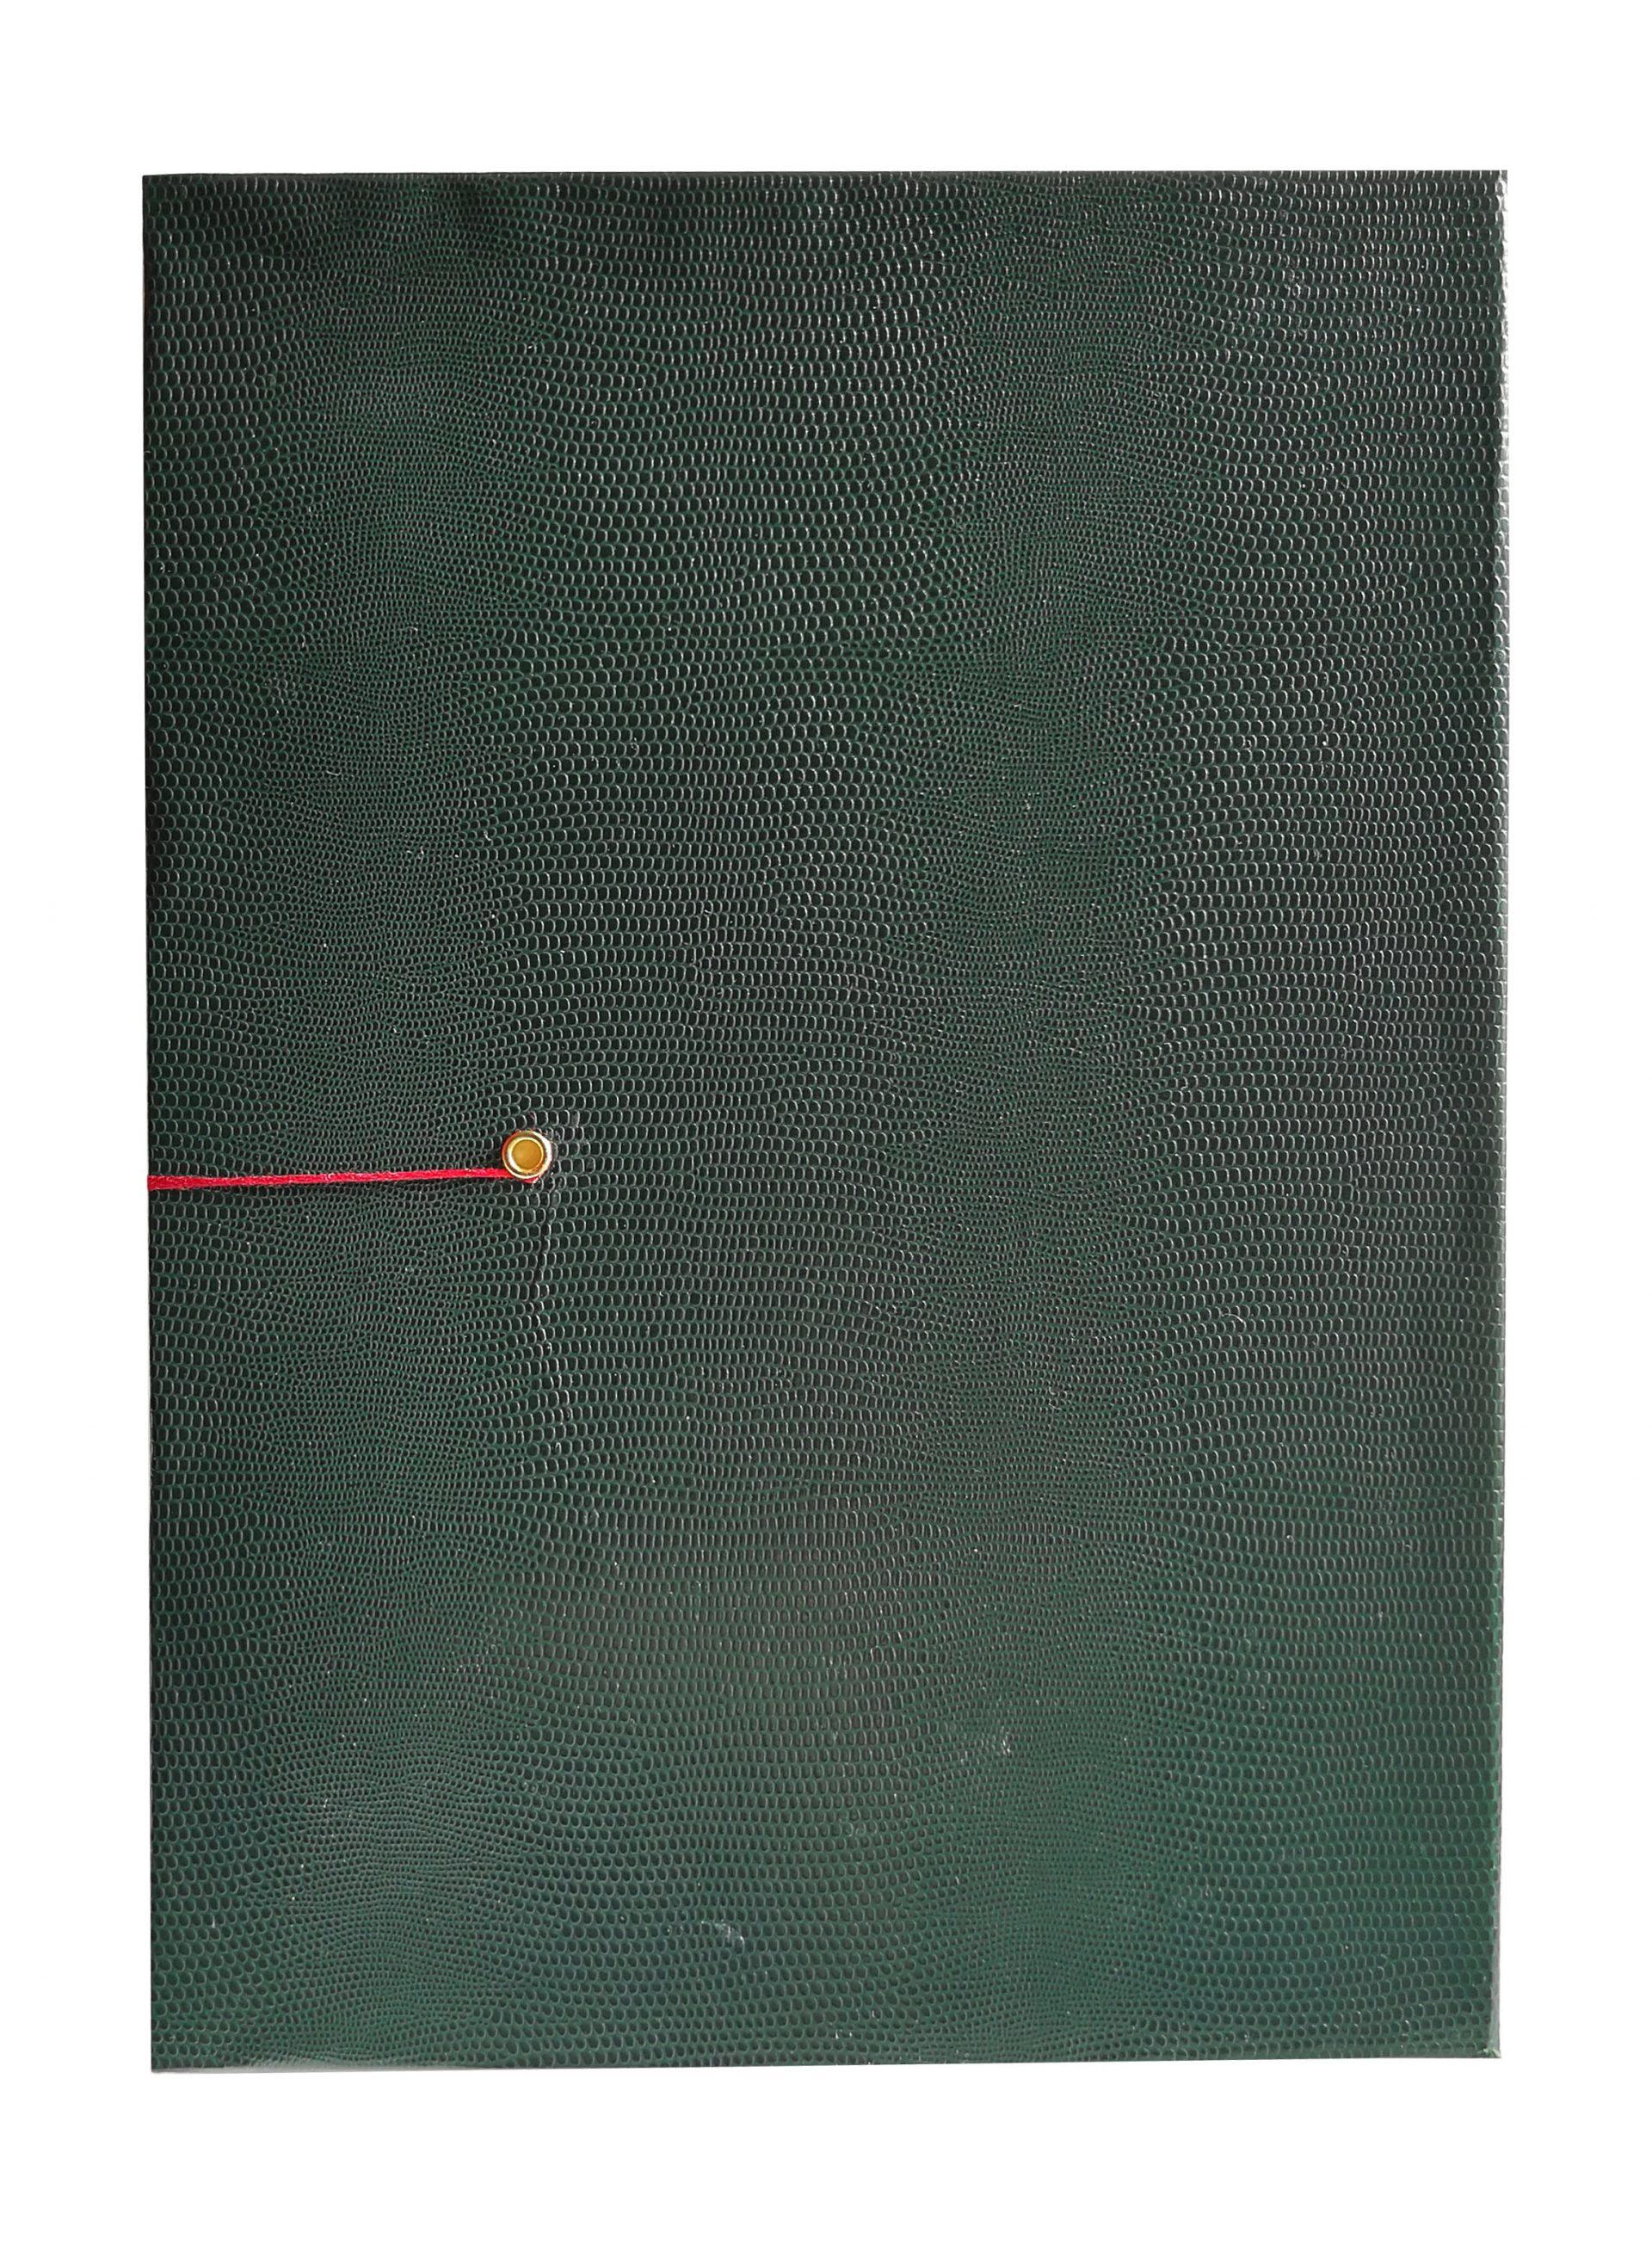 Quaderno Grande A4 Verde 2